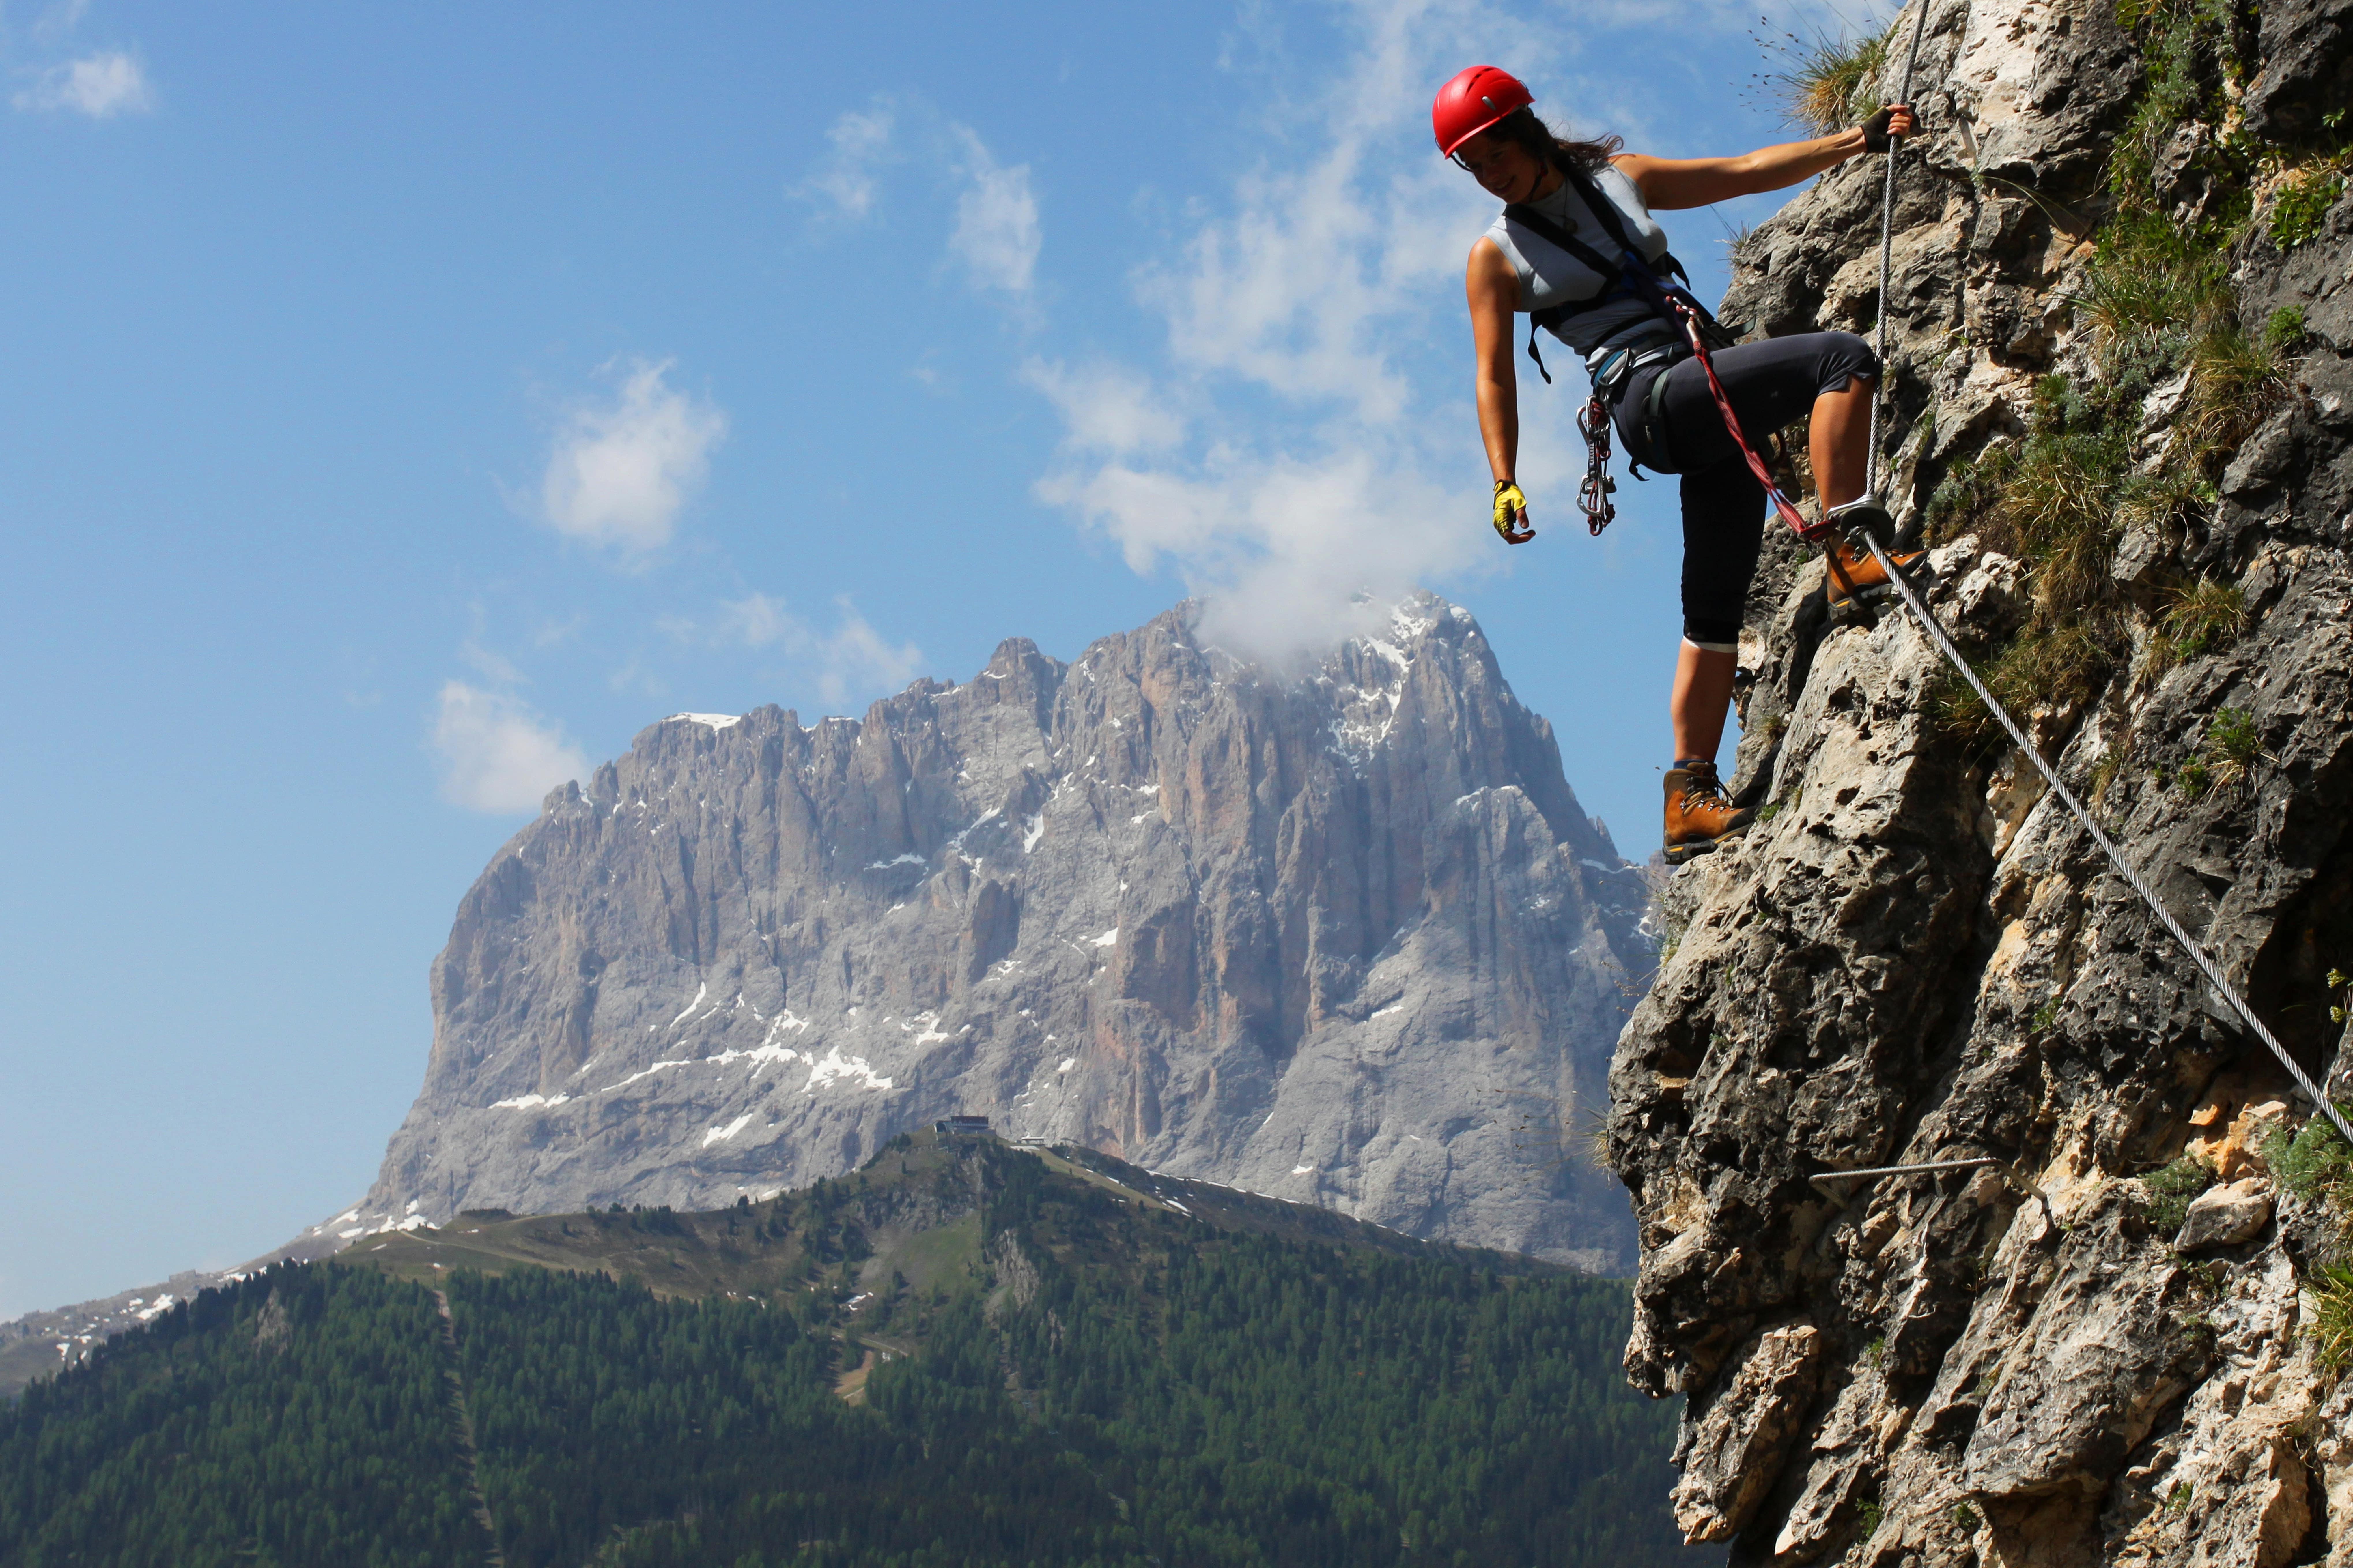 Touren Klettersteigen tipps